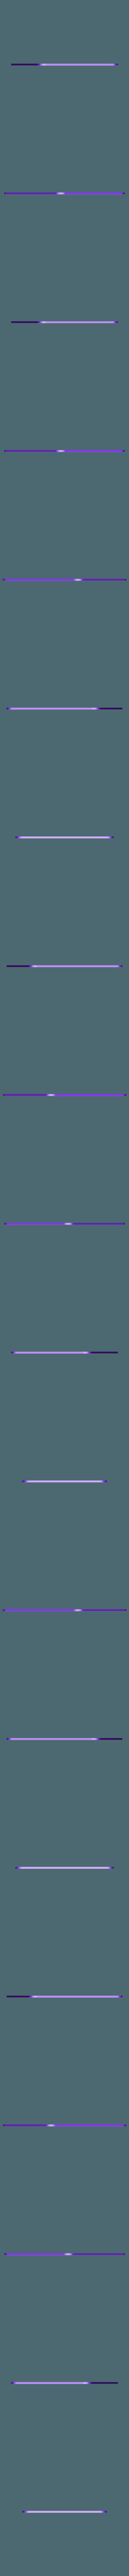 Base2_2.stl Télécharger fichier STL gratuit Support mince pour ordinateur portable • Design pour imprimante 3D, Kliffom